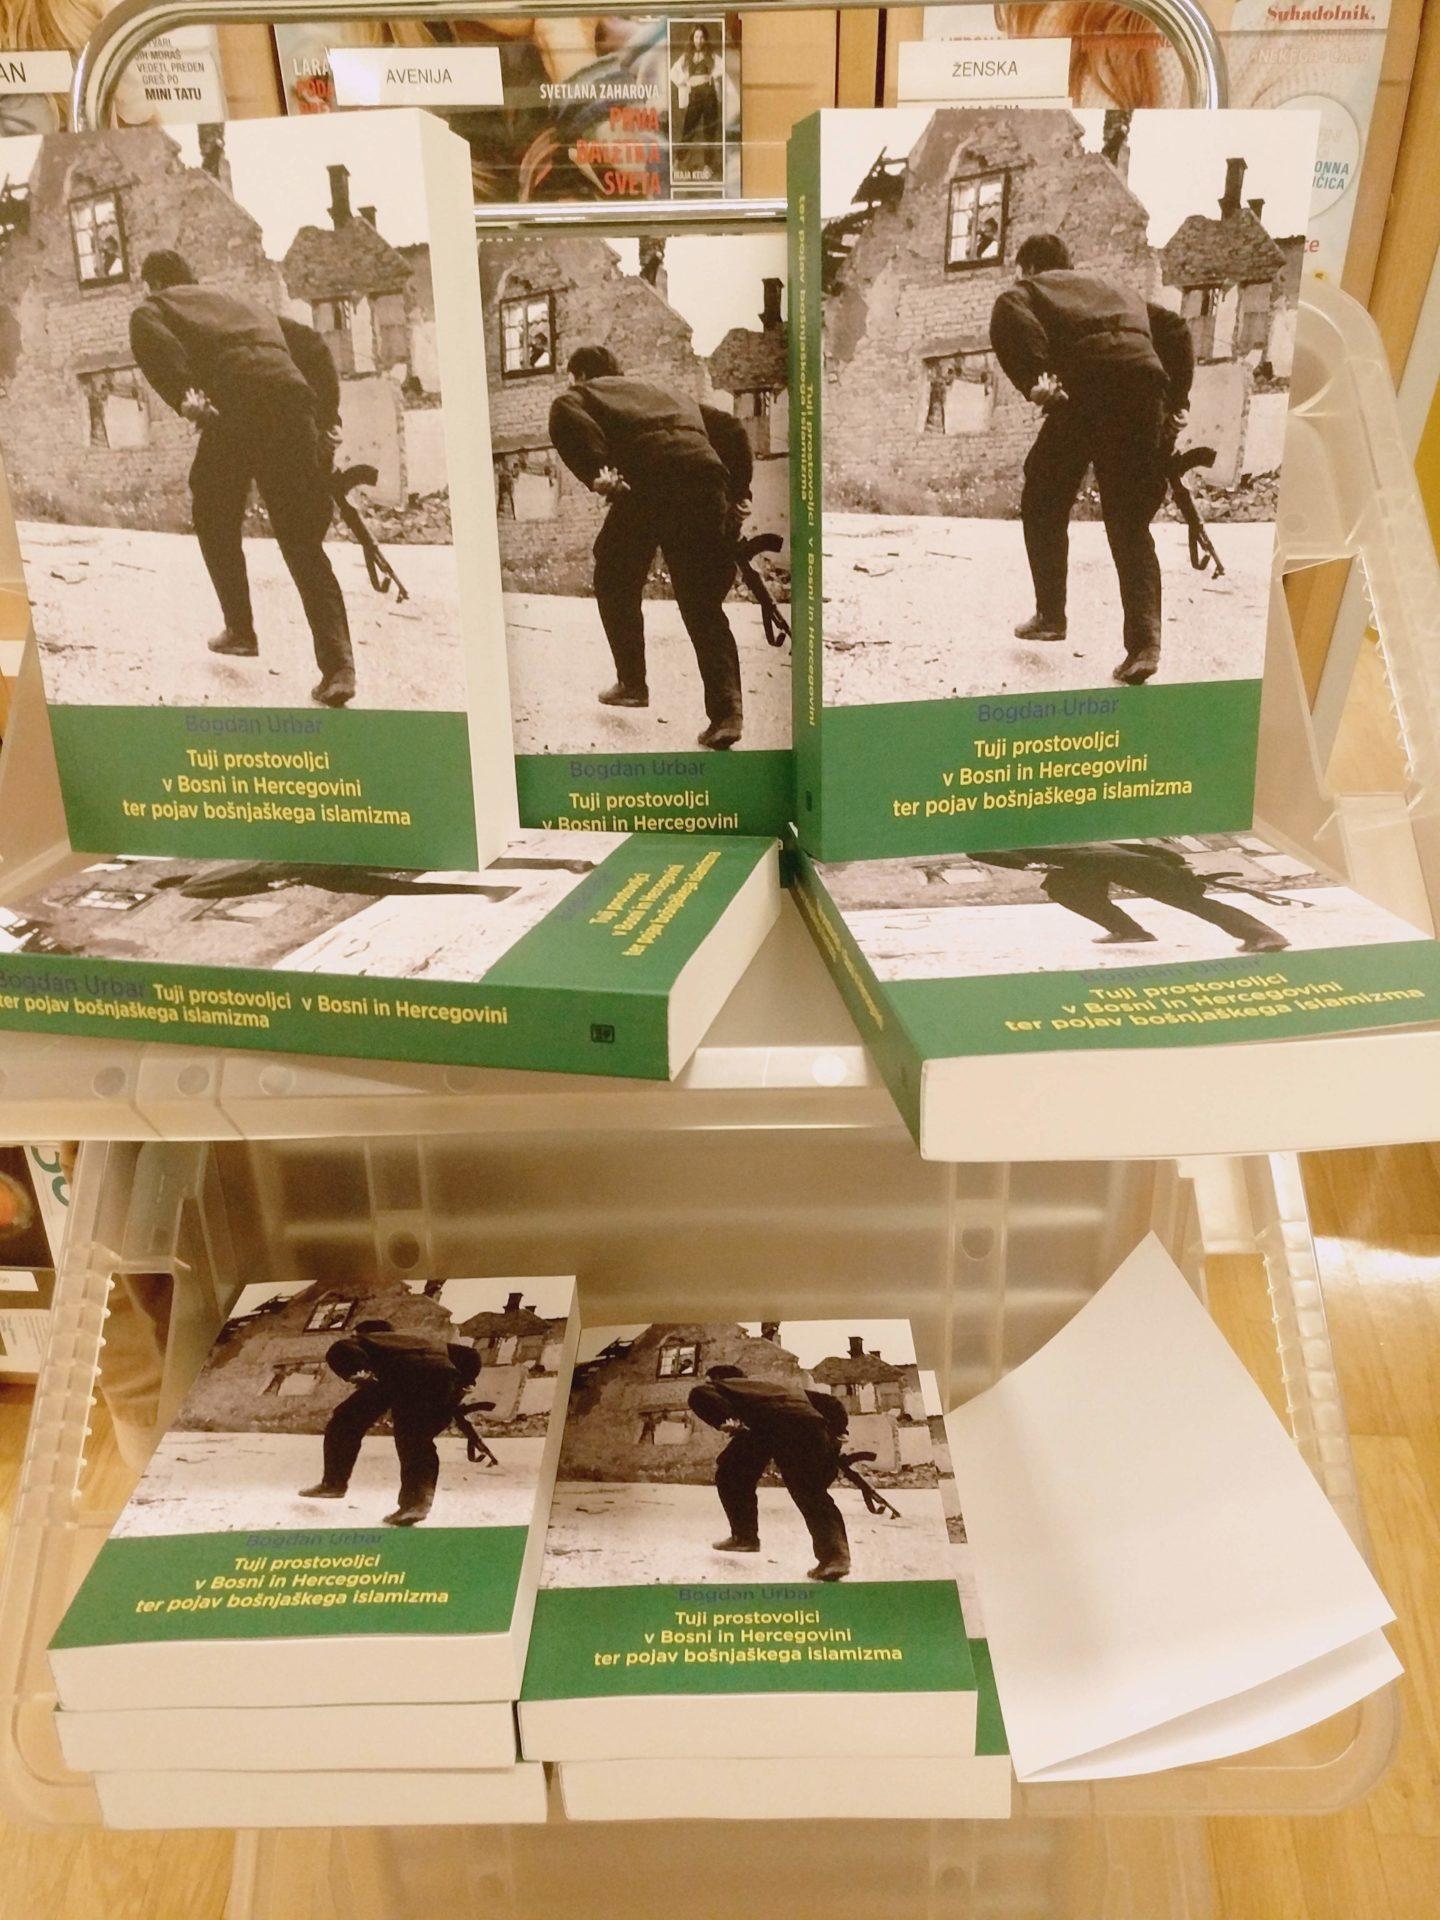 IMG 20190919 185656 - Predstavitev knjige: Tuji prostovoljci v Bosni in Hercegovini ter pojav bošnjaškega islamizma